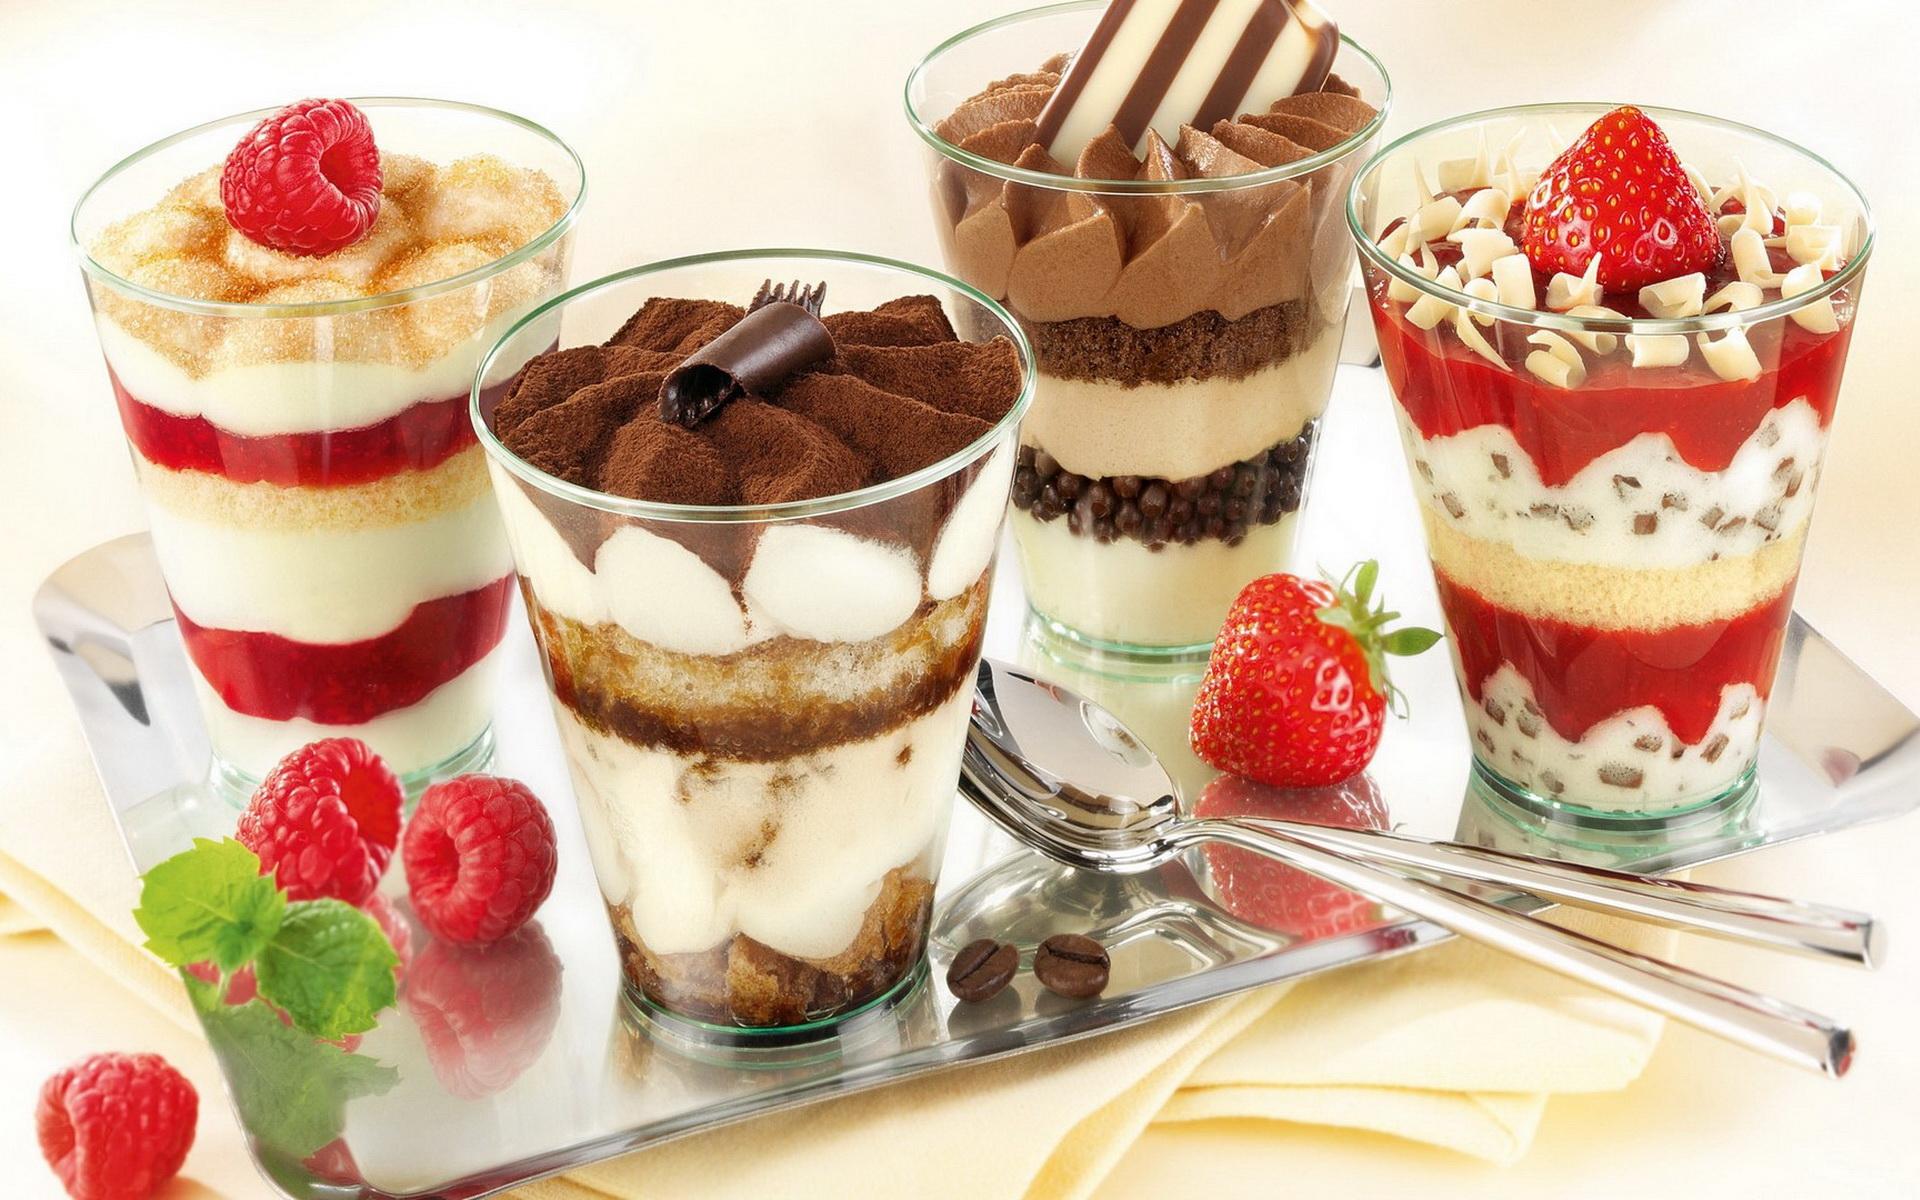 加盟冰淇淋店创业的好选择